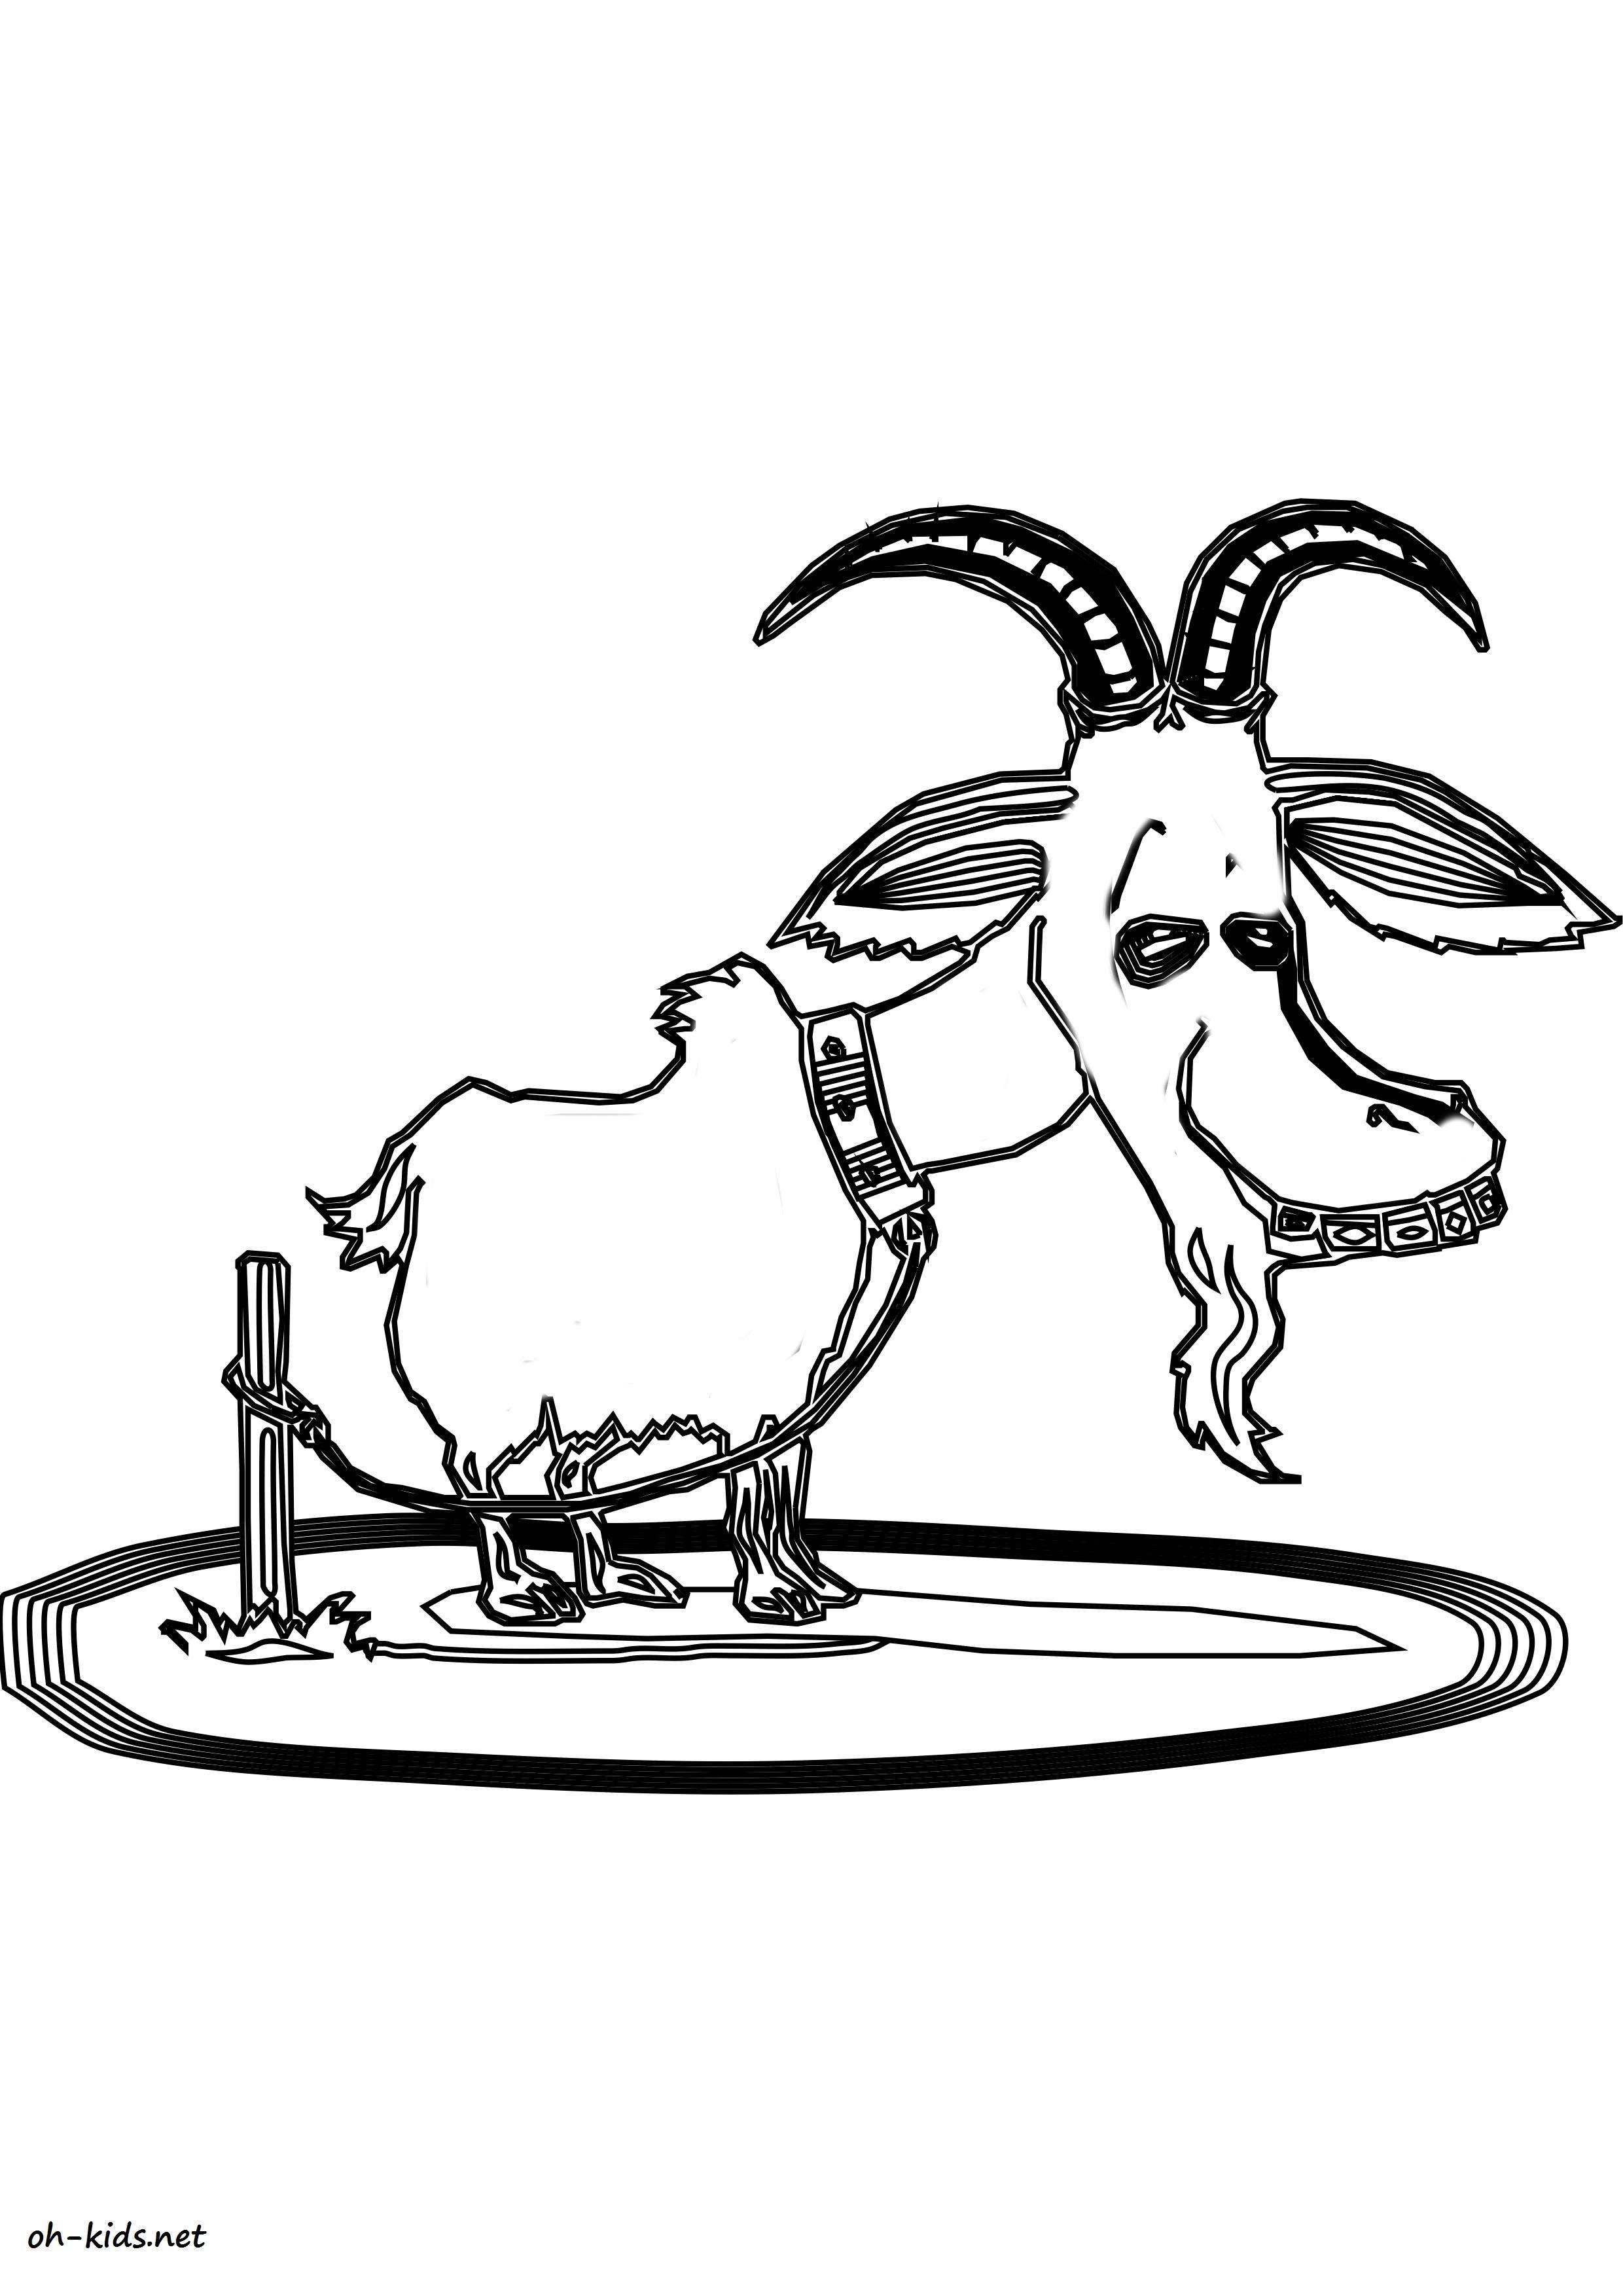 Coloriage chèvre - oh Kids FR